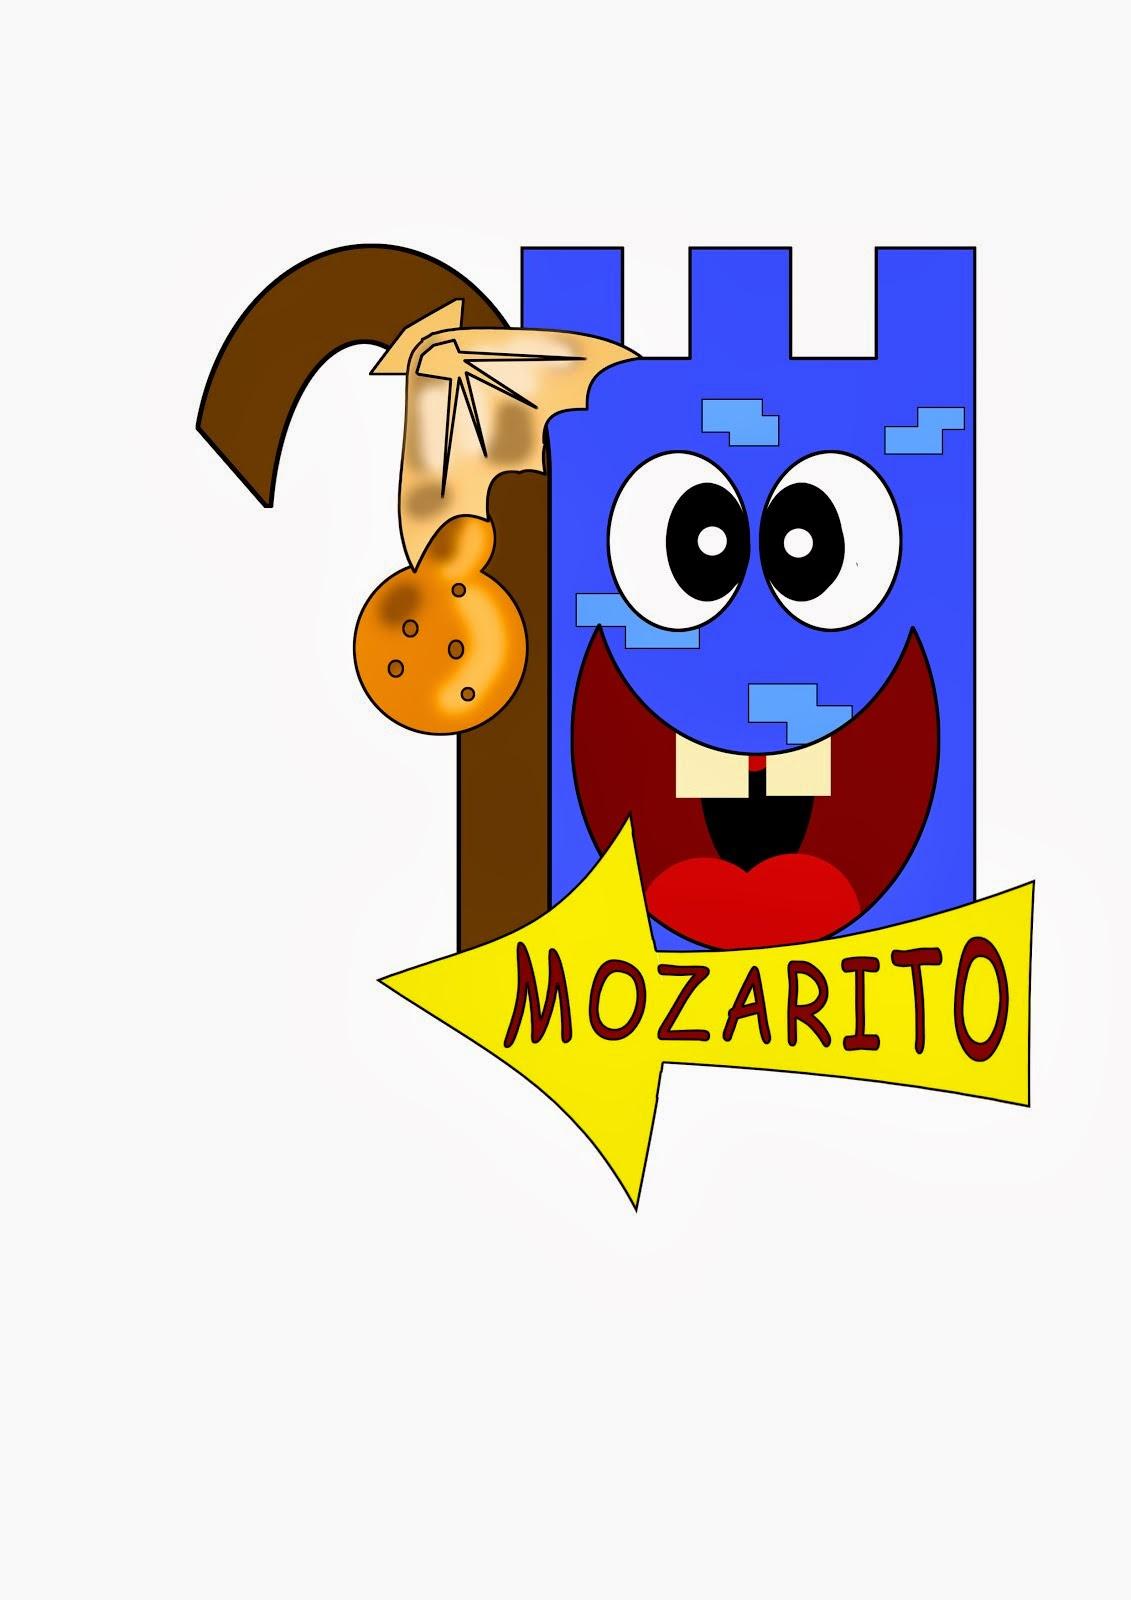 Mozarito